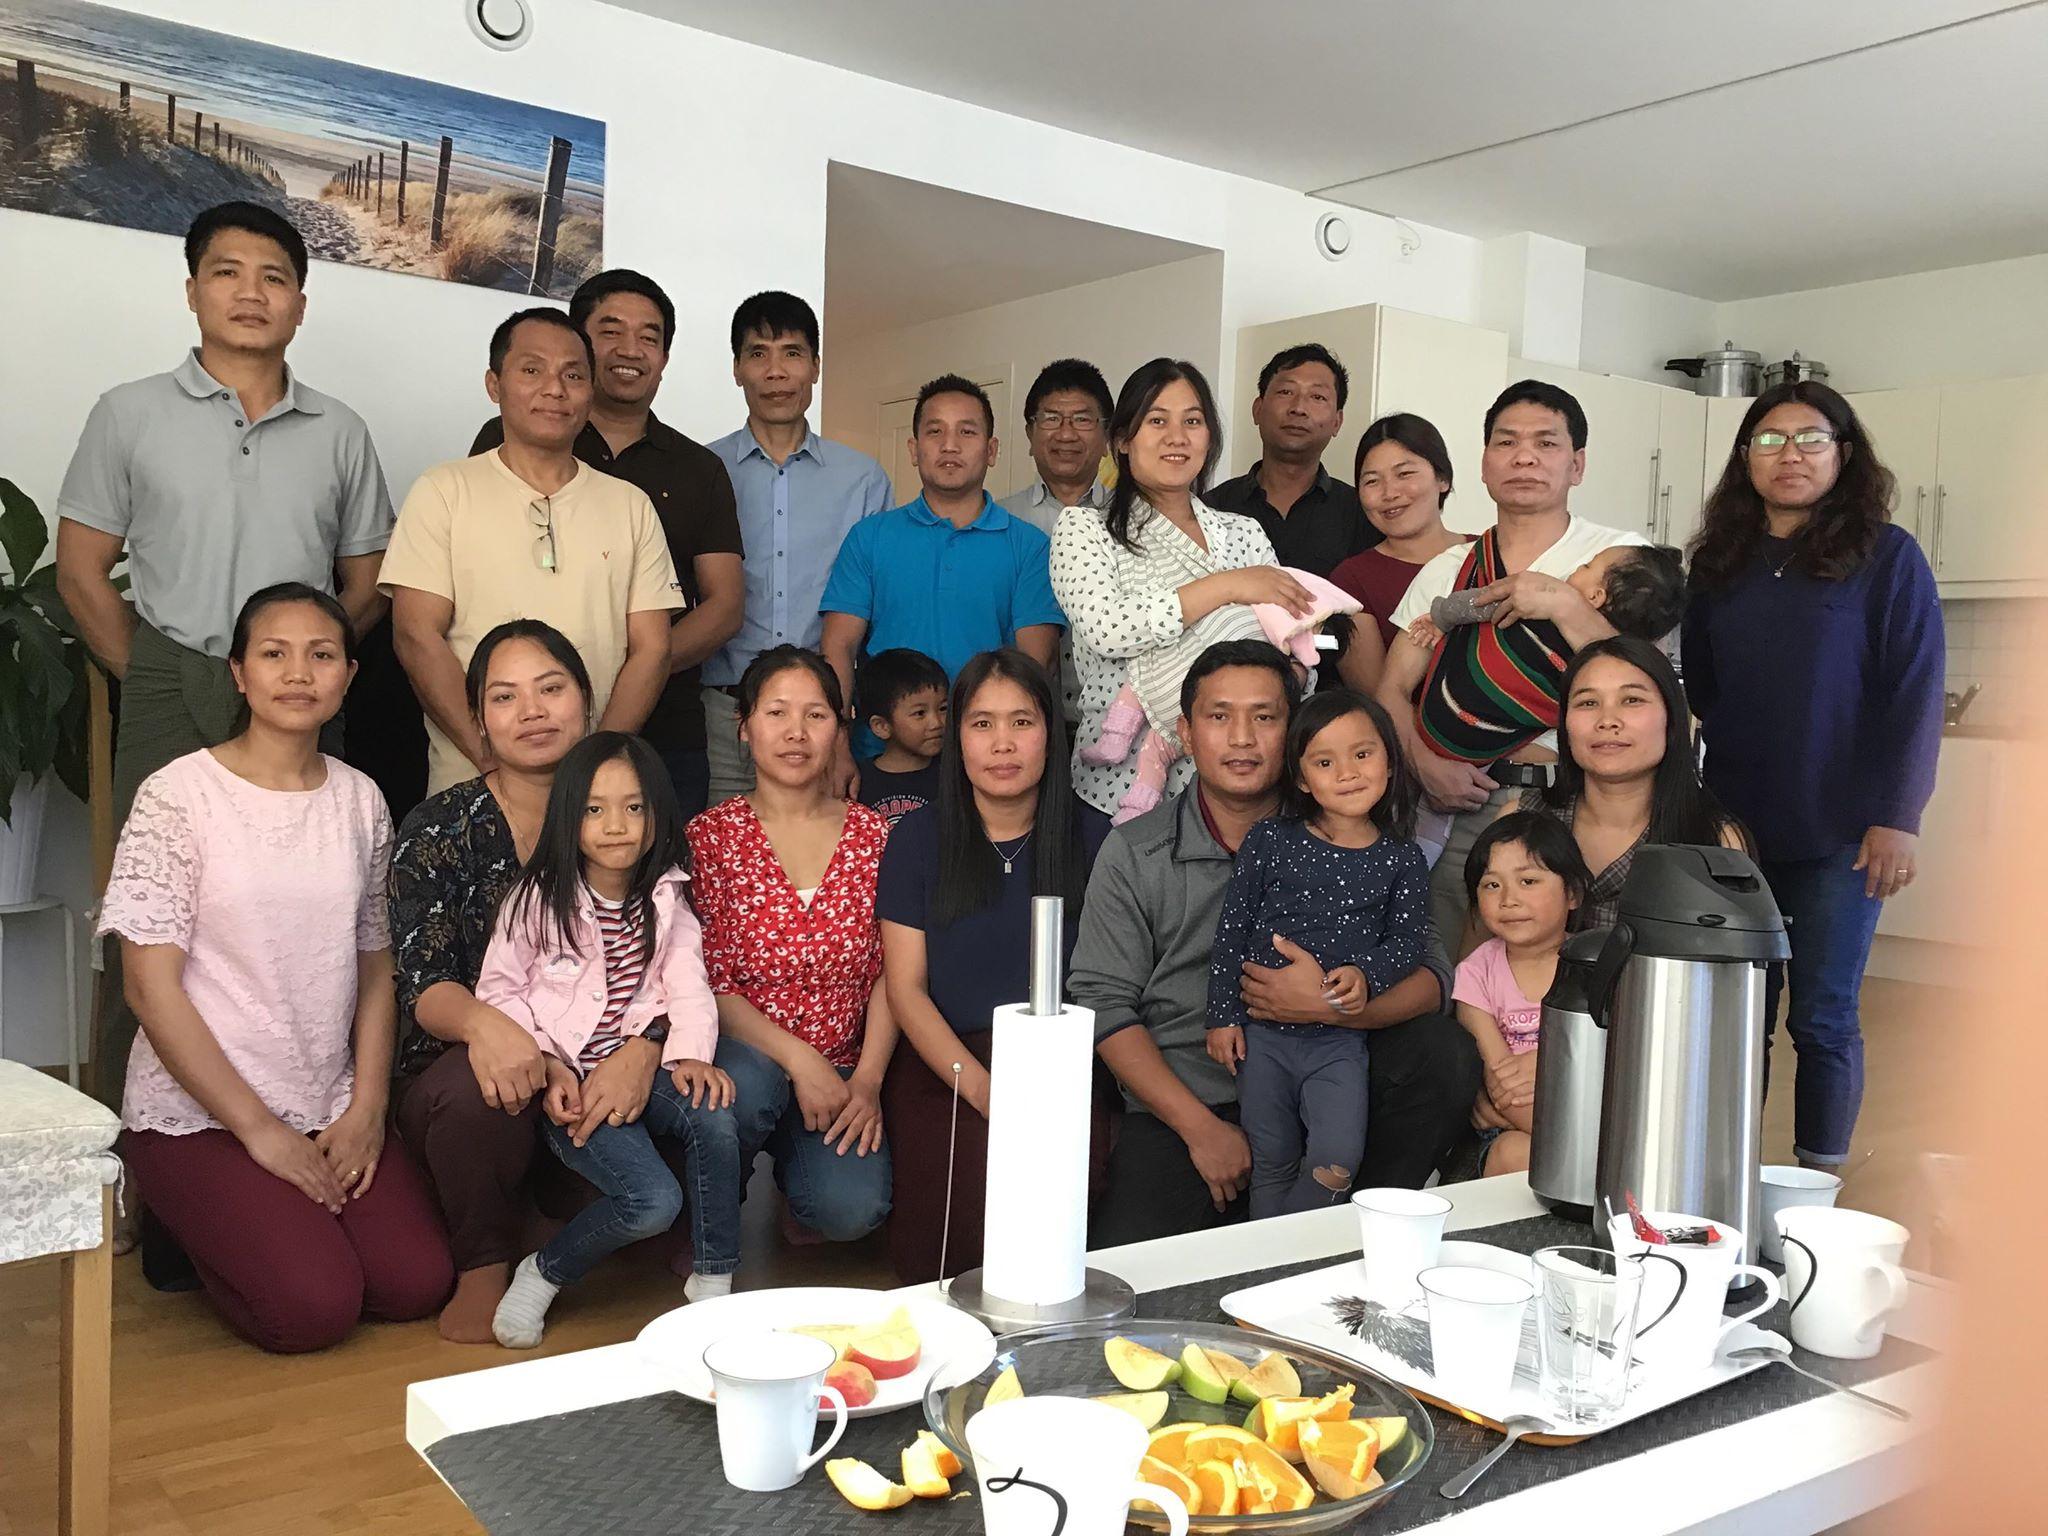 CCN at CCG gathering